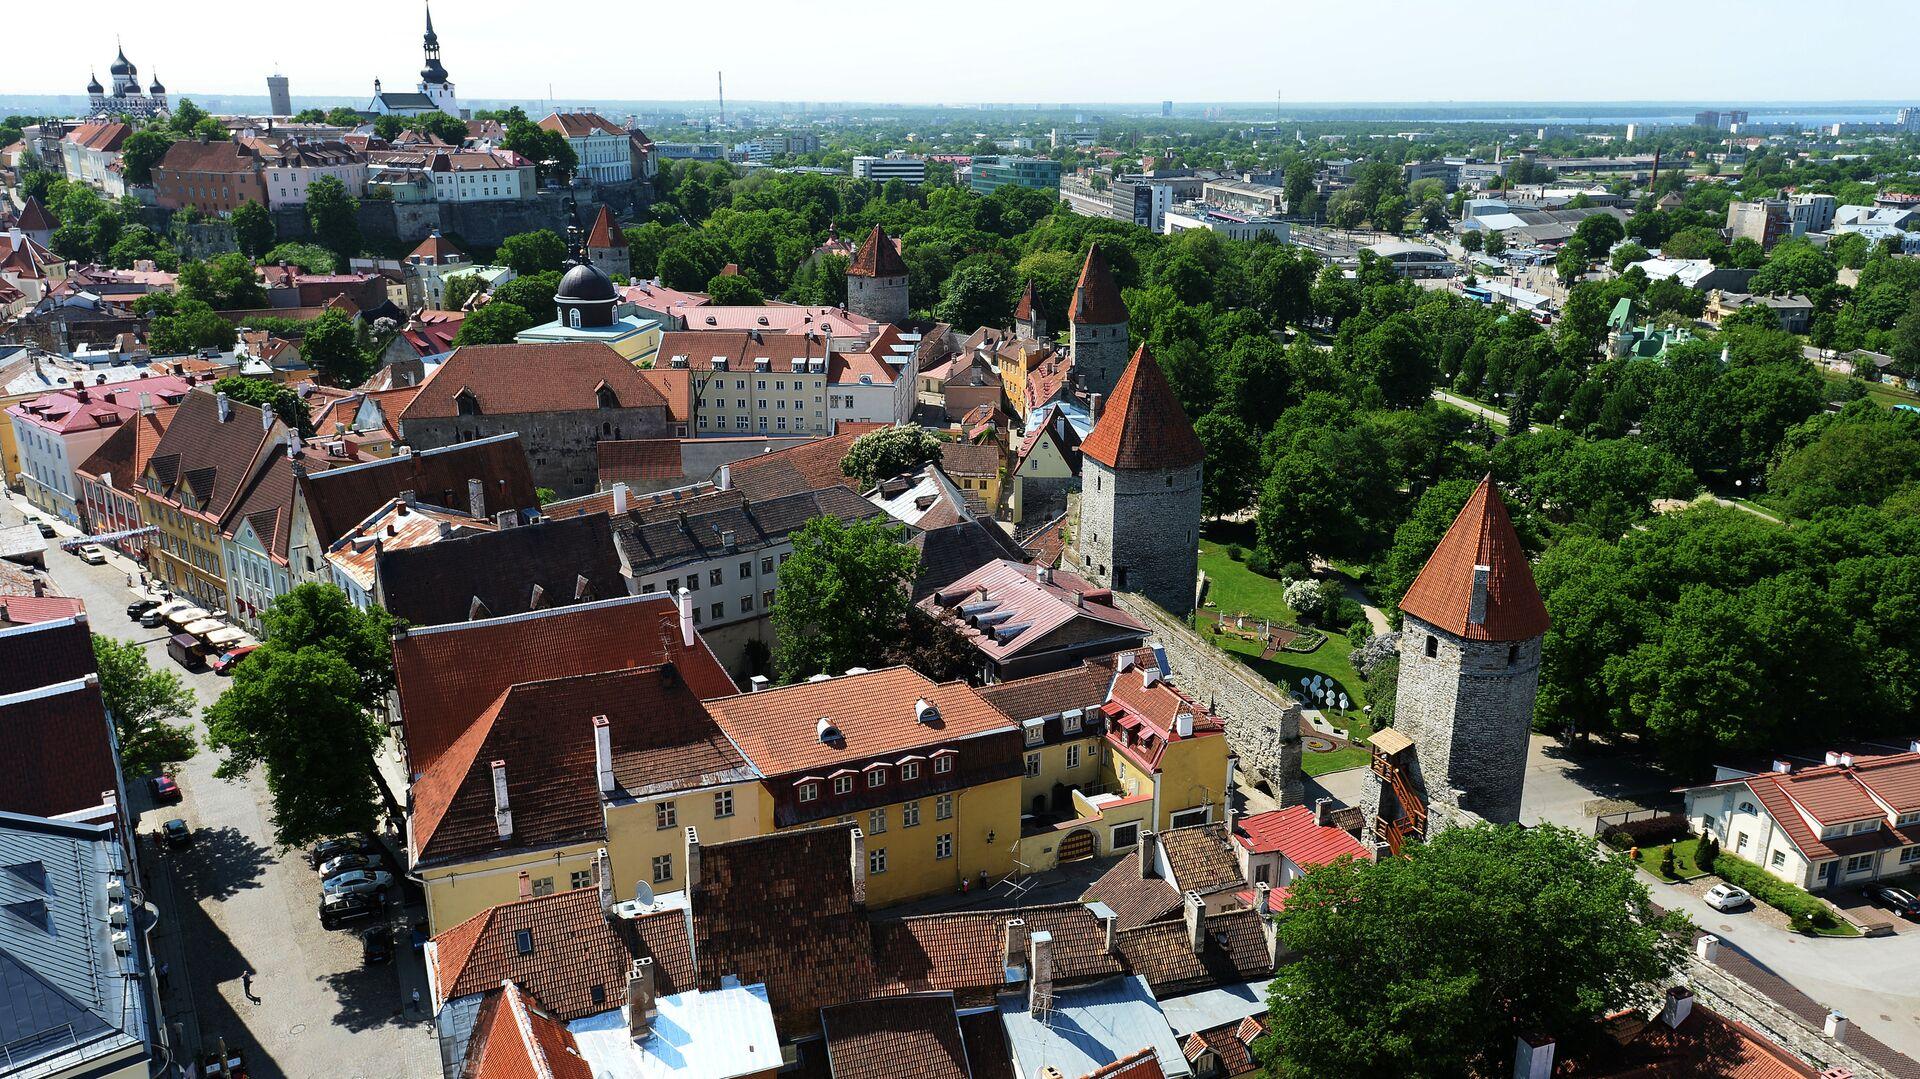 Вид на Старый город с верхушки церкви Олевисте - самого высокого строения средневековой Европы - РИА Новости, 1920, 29.06.2021